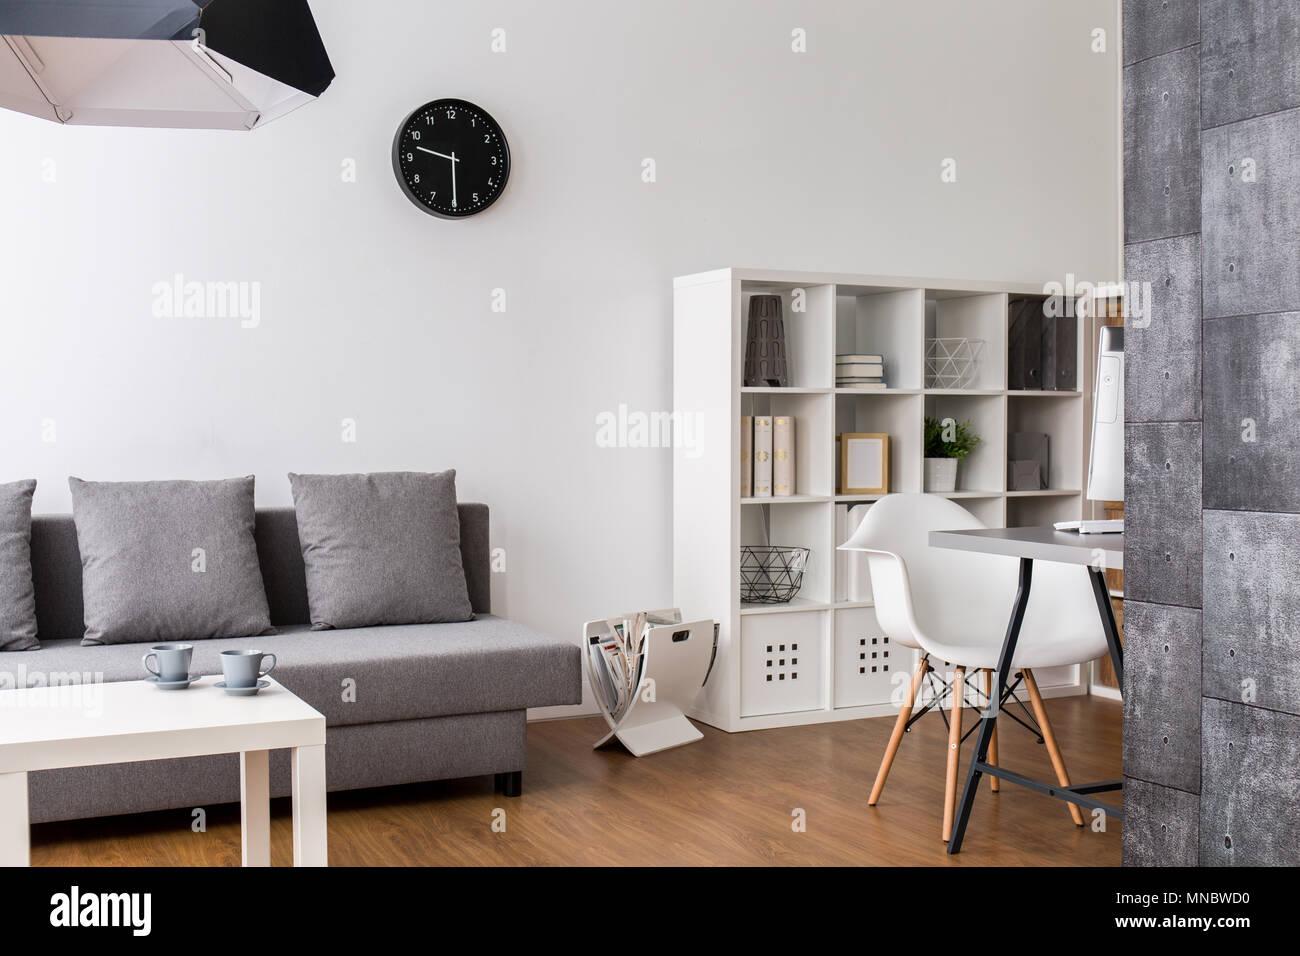 Modernes Minimalistisches Wohnzimmer Mit Ruhe Raum Racks